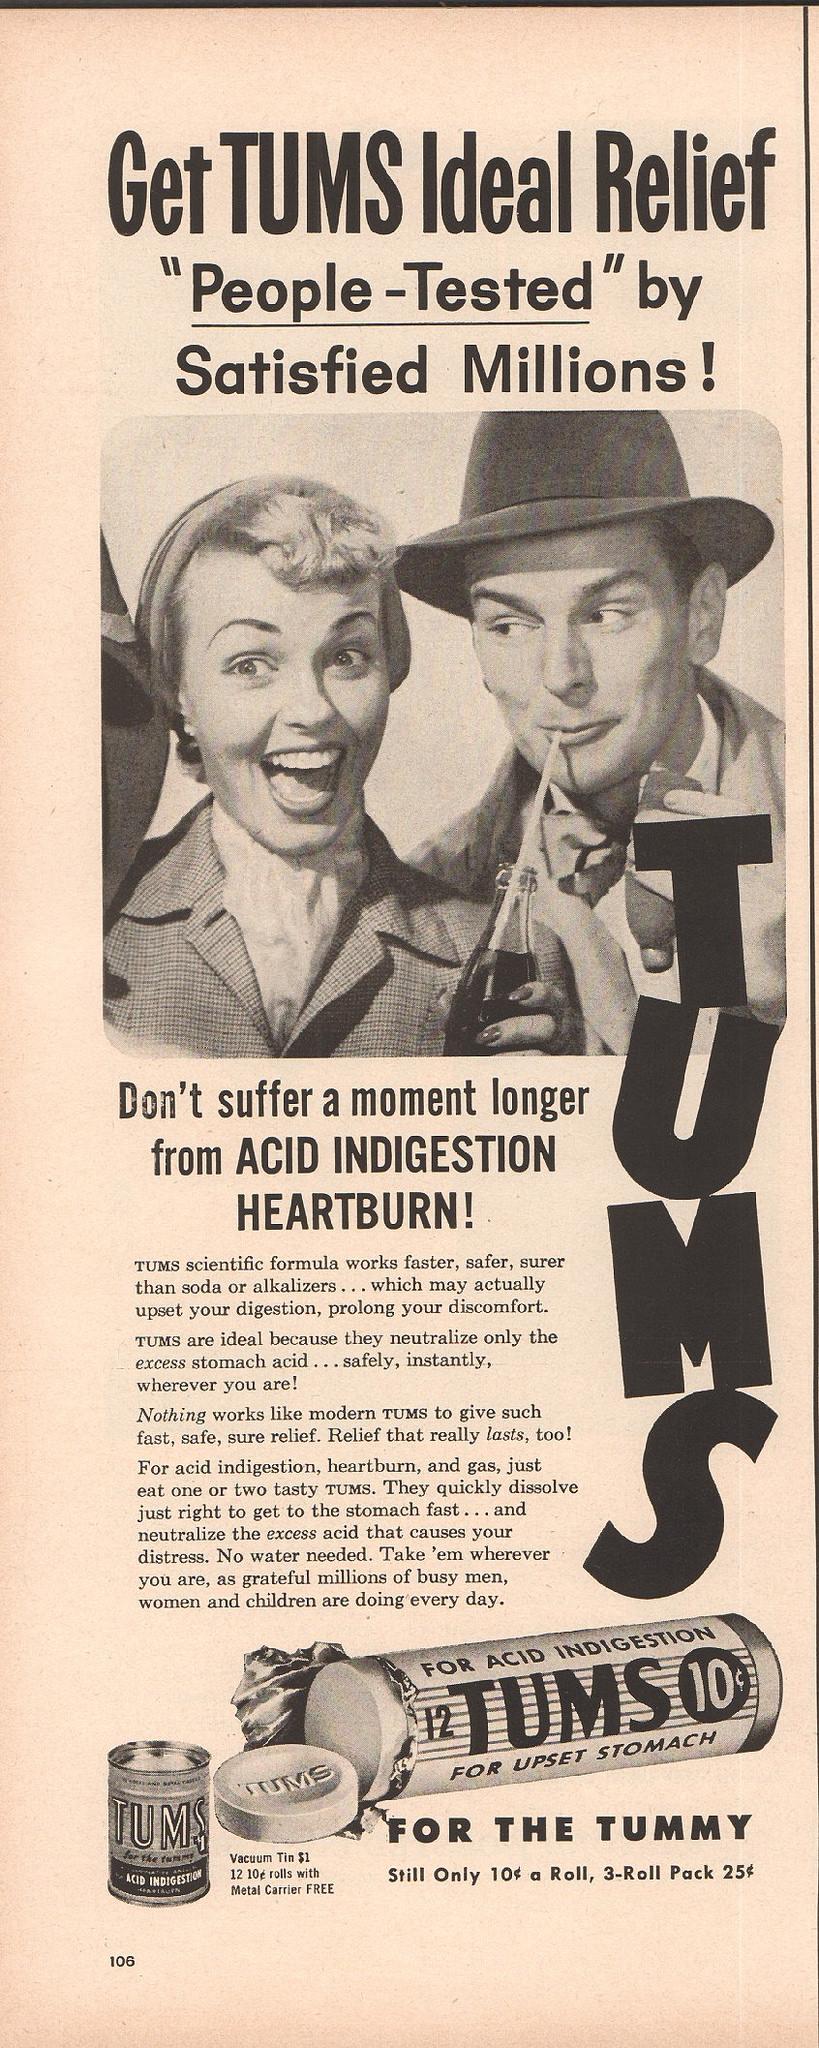 1957 Tums Ad Life Feb 11 1957